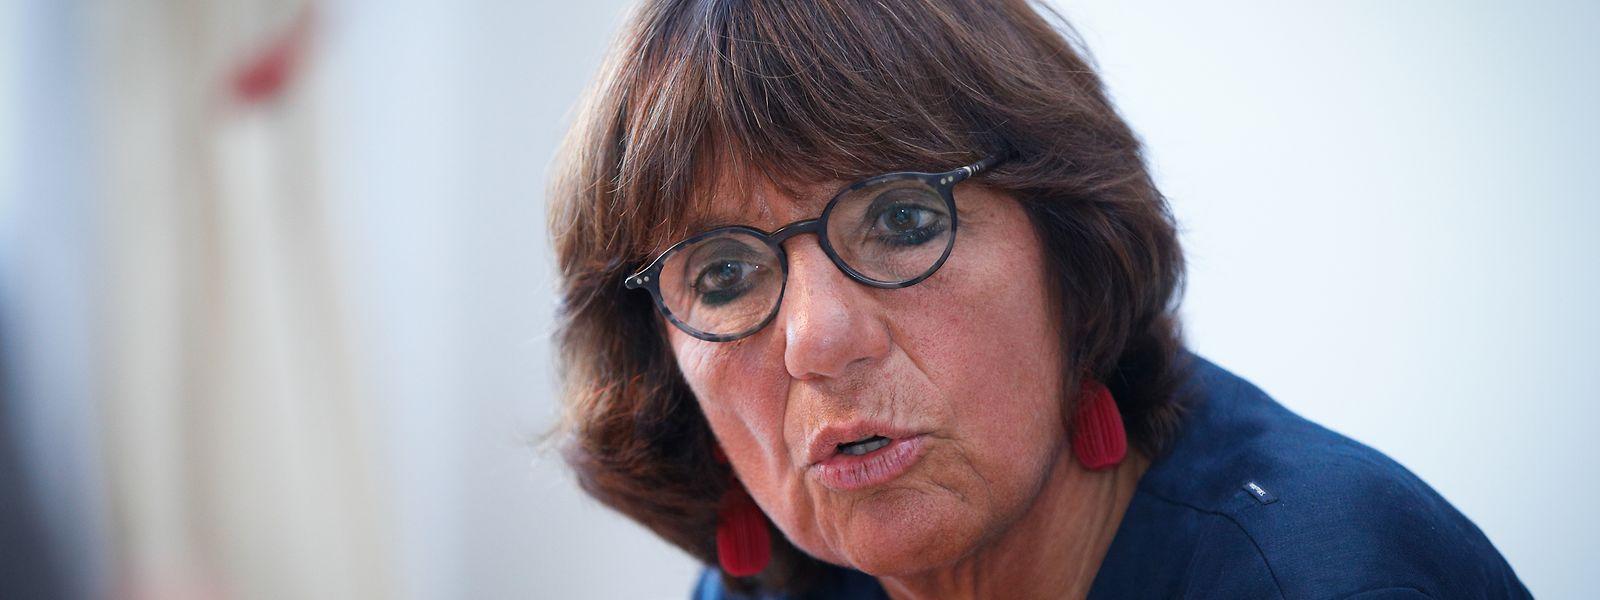 Martine Solovieff regrette la disparition de certaines phrases sur l'indépendance du parquet dans le texte de la Constitution en cours de révision. Et la magistrate ne s'en cache pas.